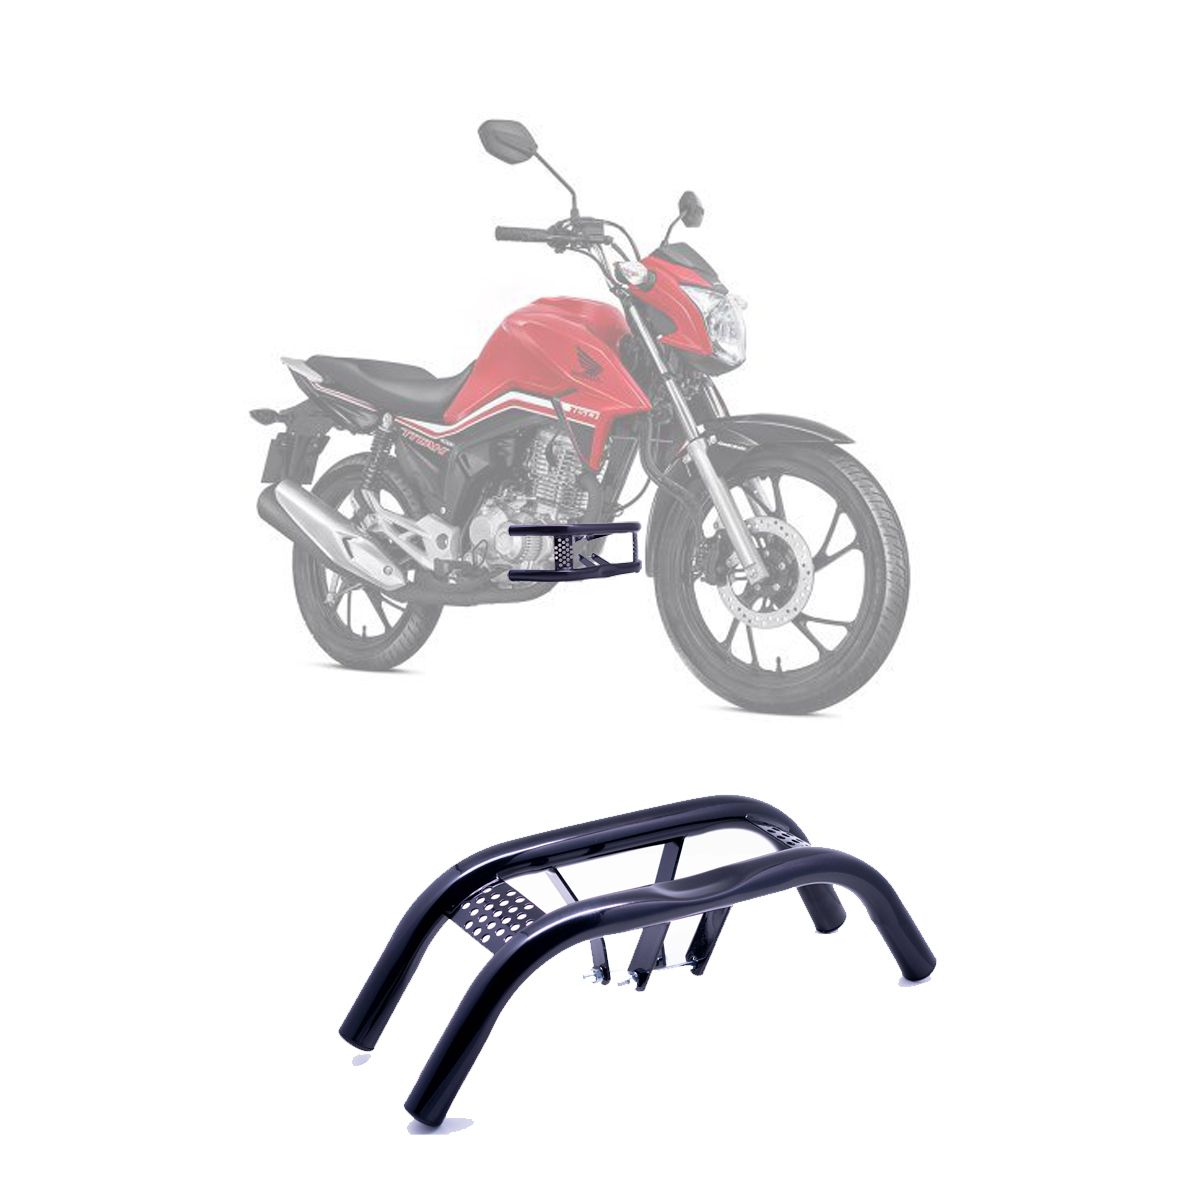 Protetor de Pernas Barra Dupla Honda CG TITAN FAN 150 / 160 2014 à 2019 - Preto - Pro Tork